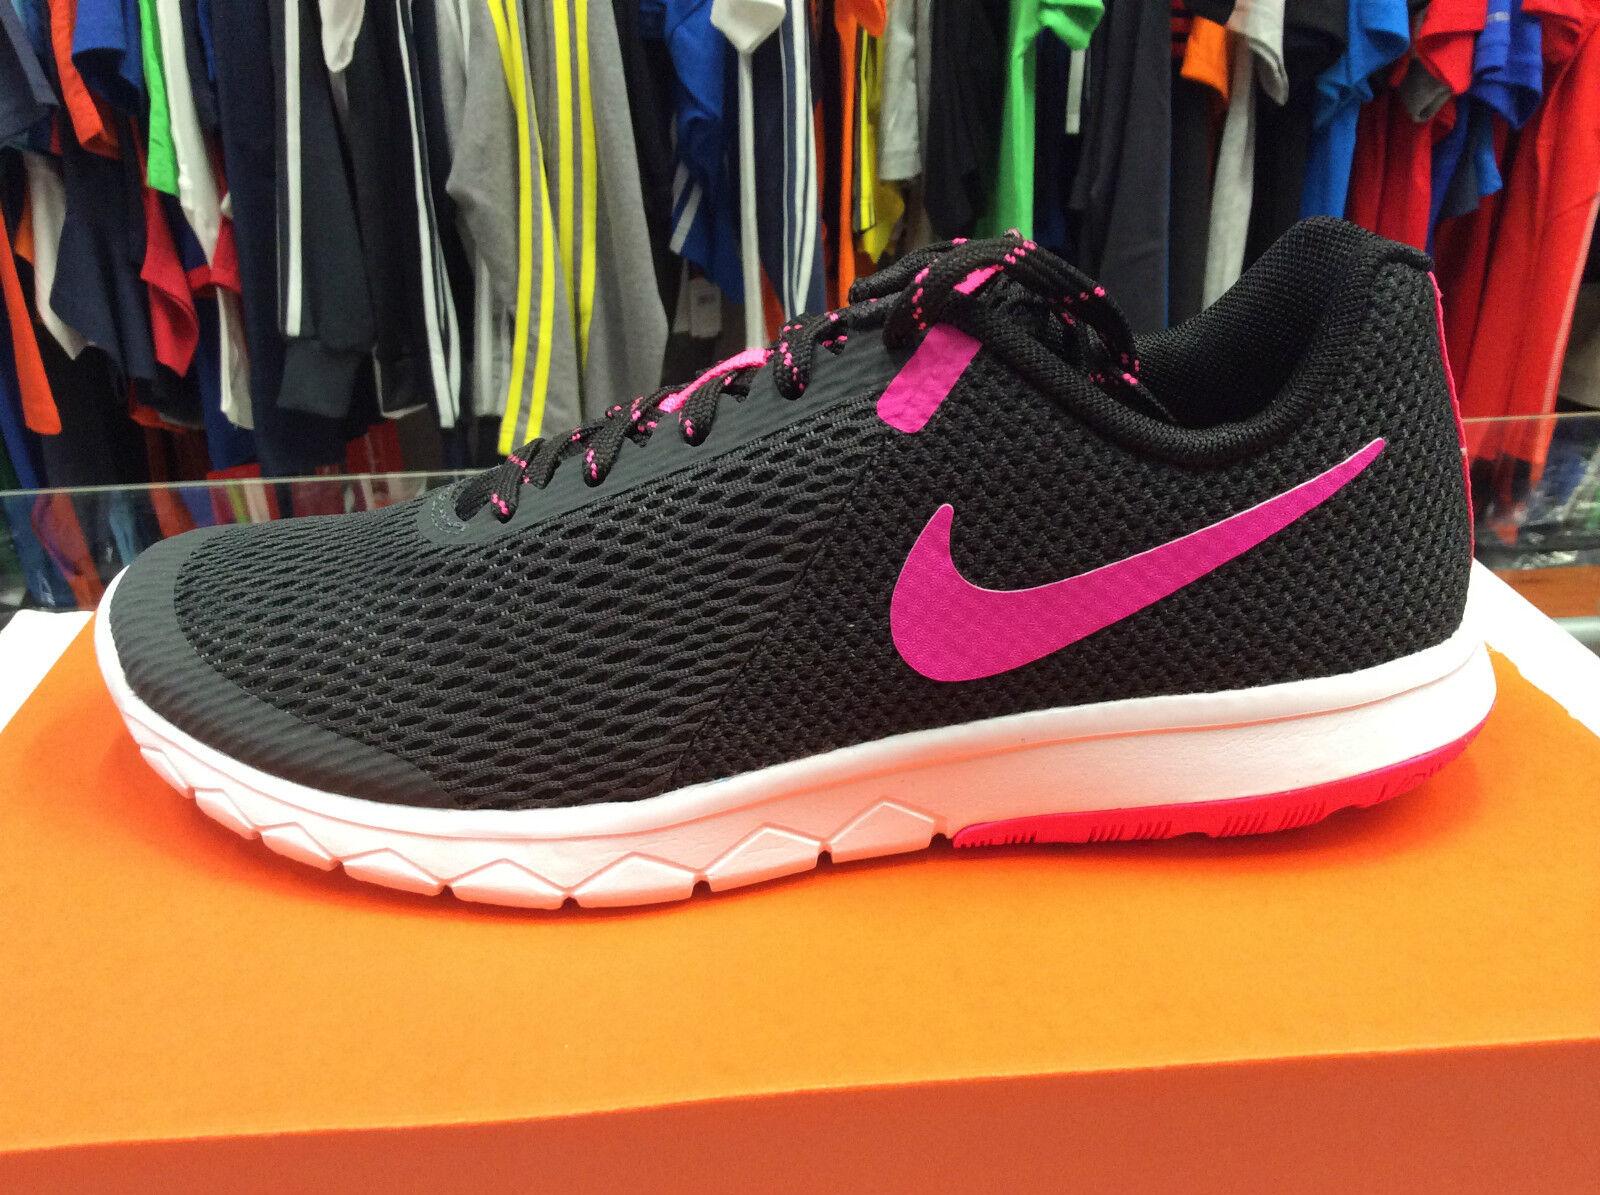 Nike Damenschuh Running Art. 844729-002 Mod. Flex Experience Rn5